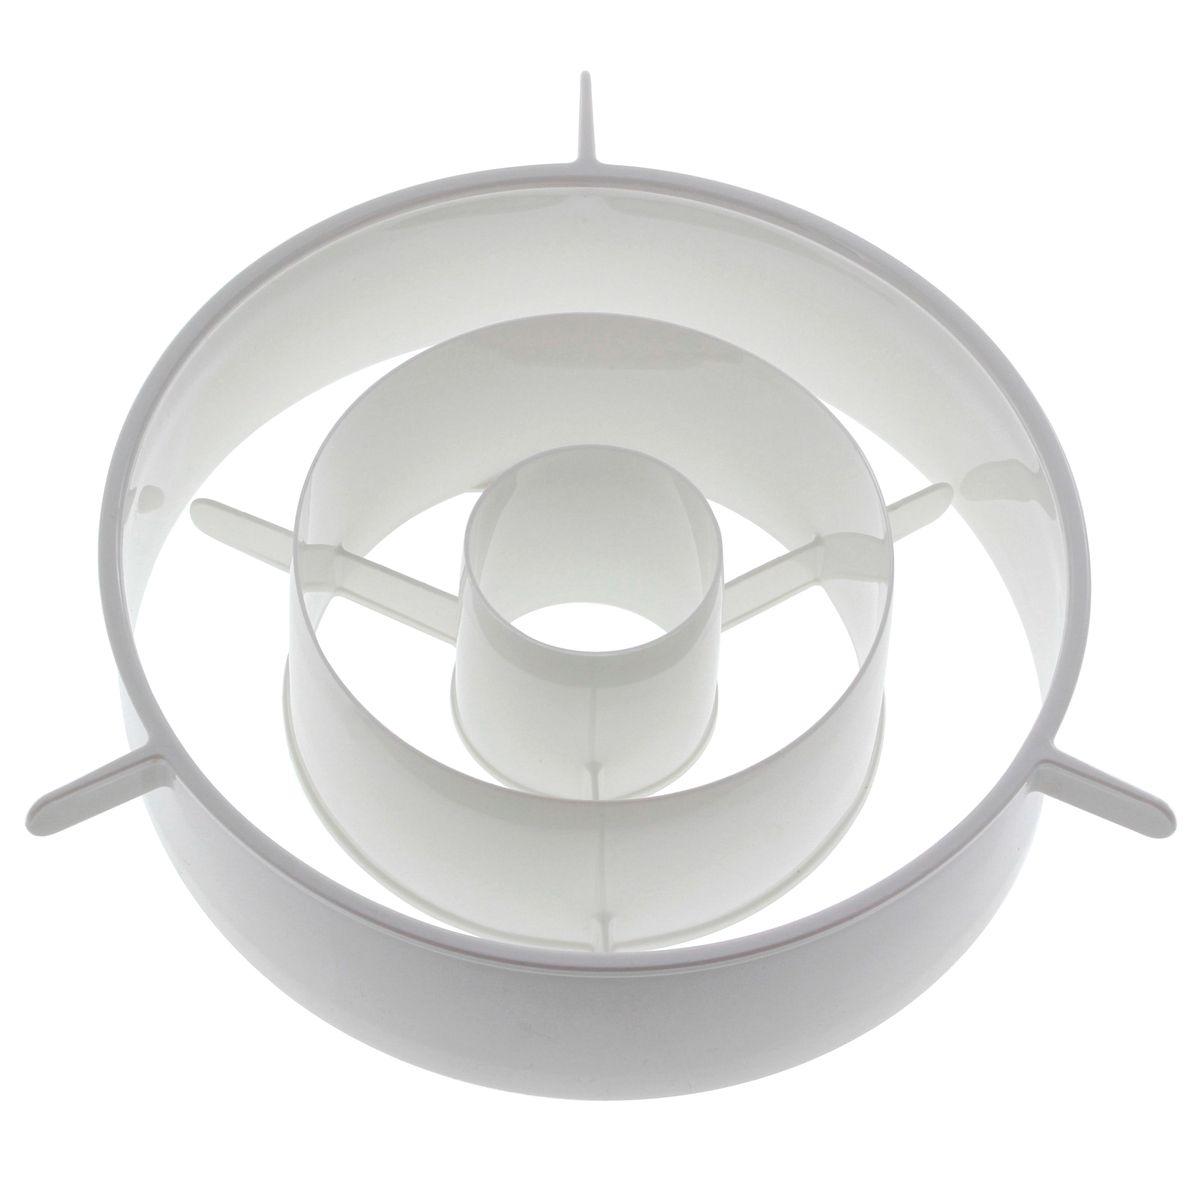 Cercle séparateur pour gâteau damier 22cm - Tescoma